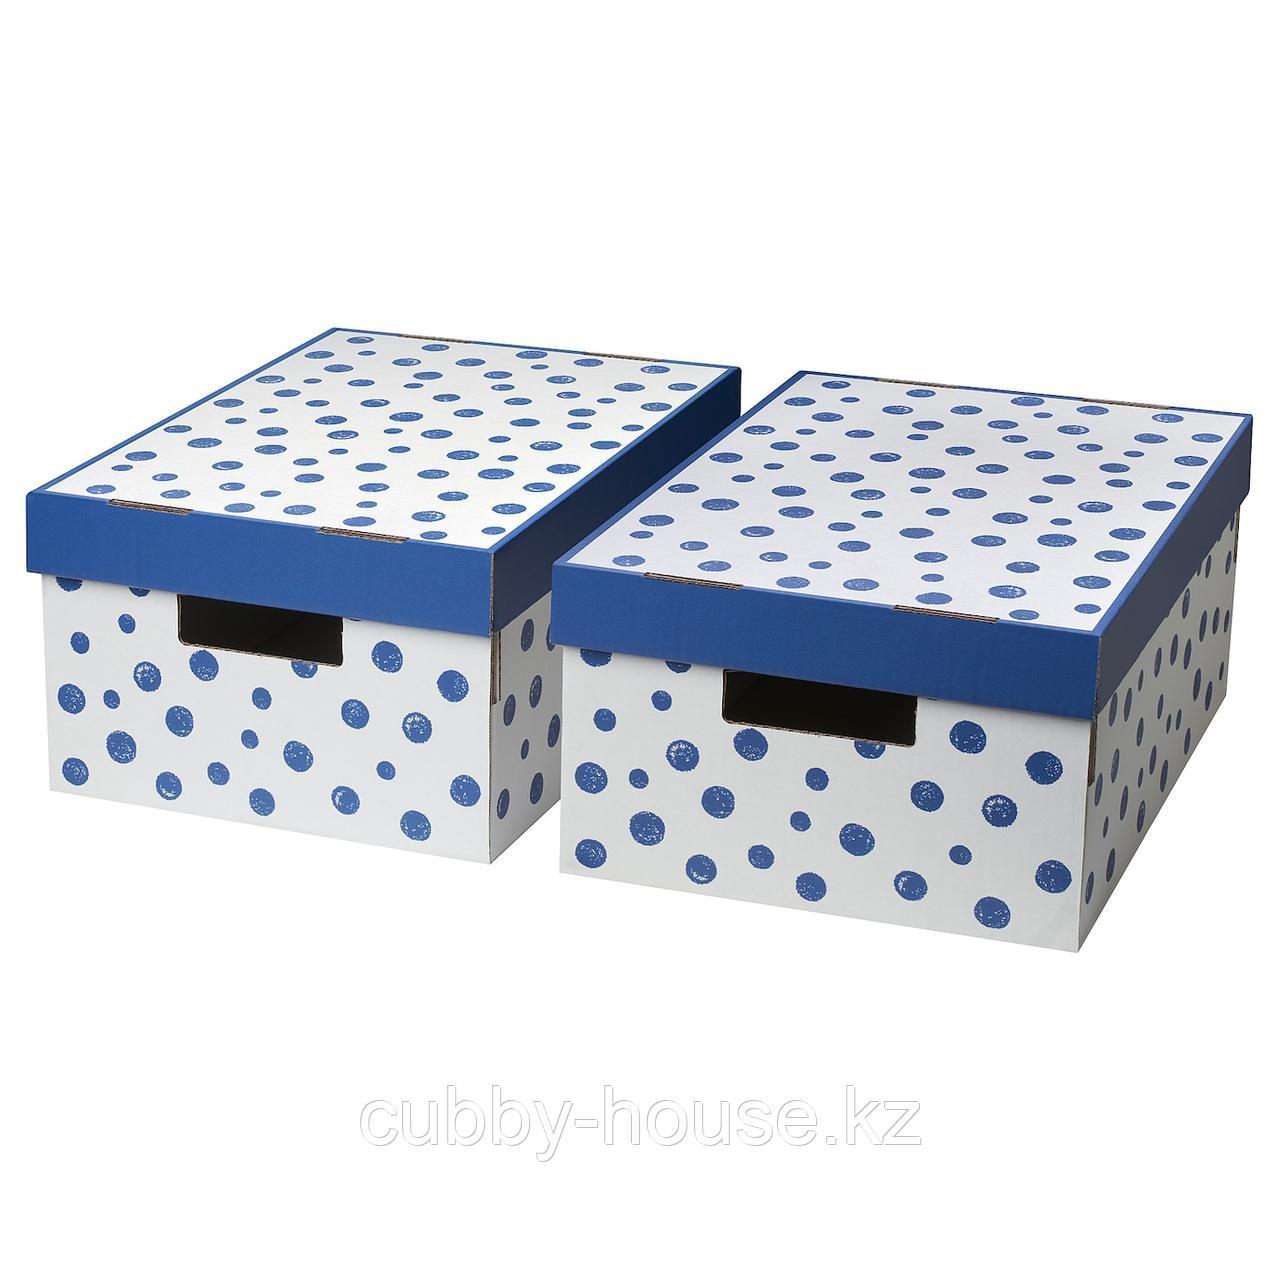 ПИНГЛА Коробка с крышкой, точечный, синий, 28x37x18 см